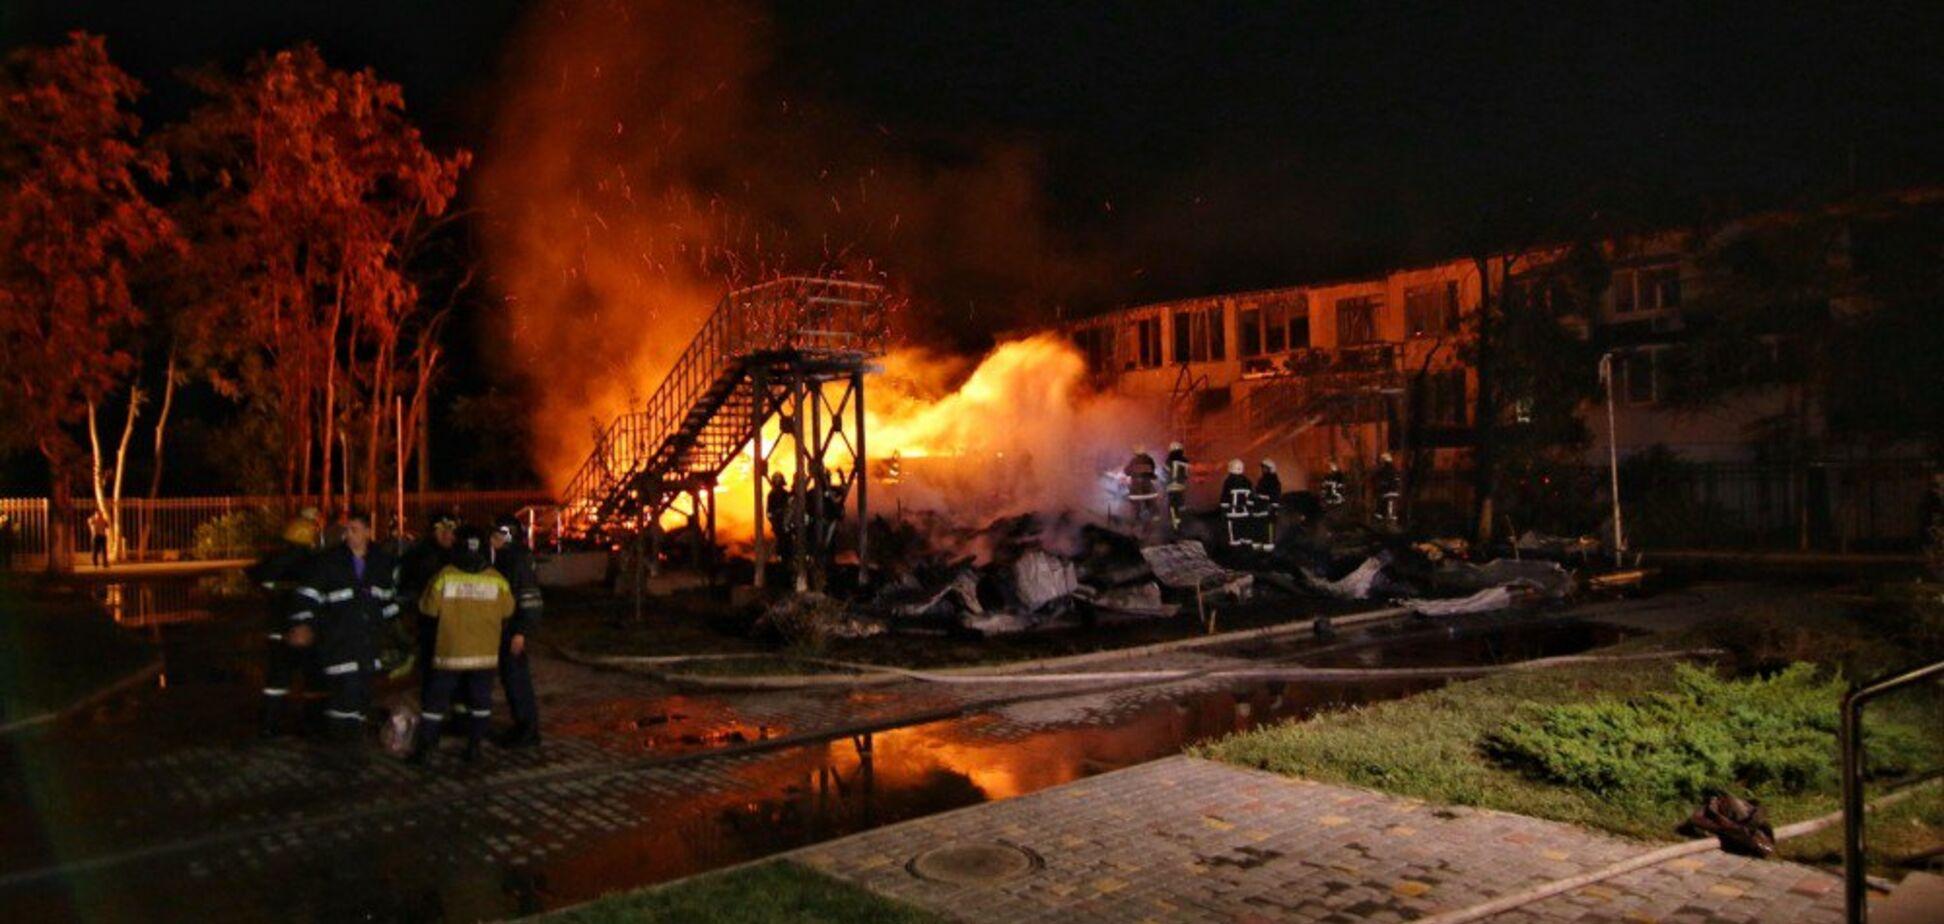 Пожар в лагере 'Виктория': правоохранители нагрянули с обысками на 14 предприятий